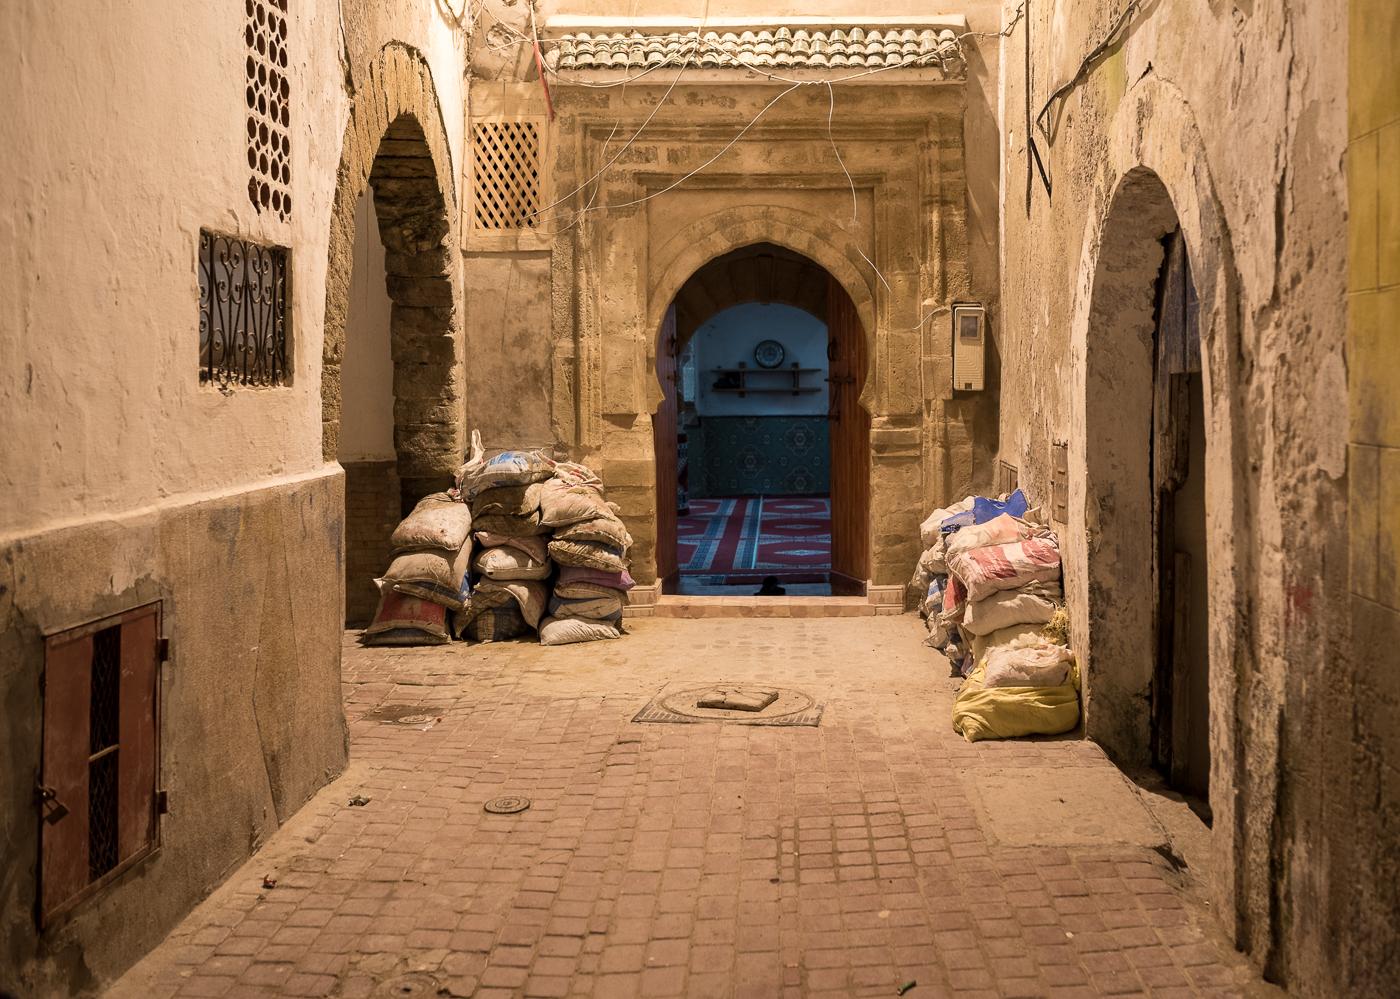 philipp schäbler marokko marrakesch essaouira-9485.jpg